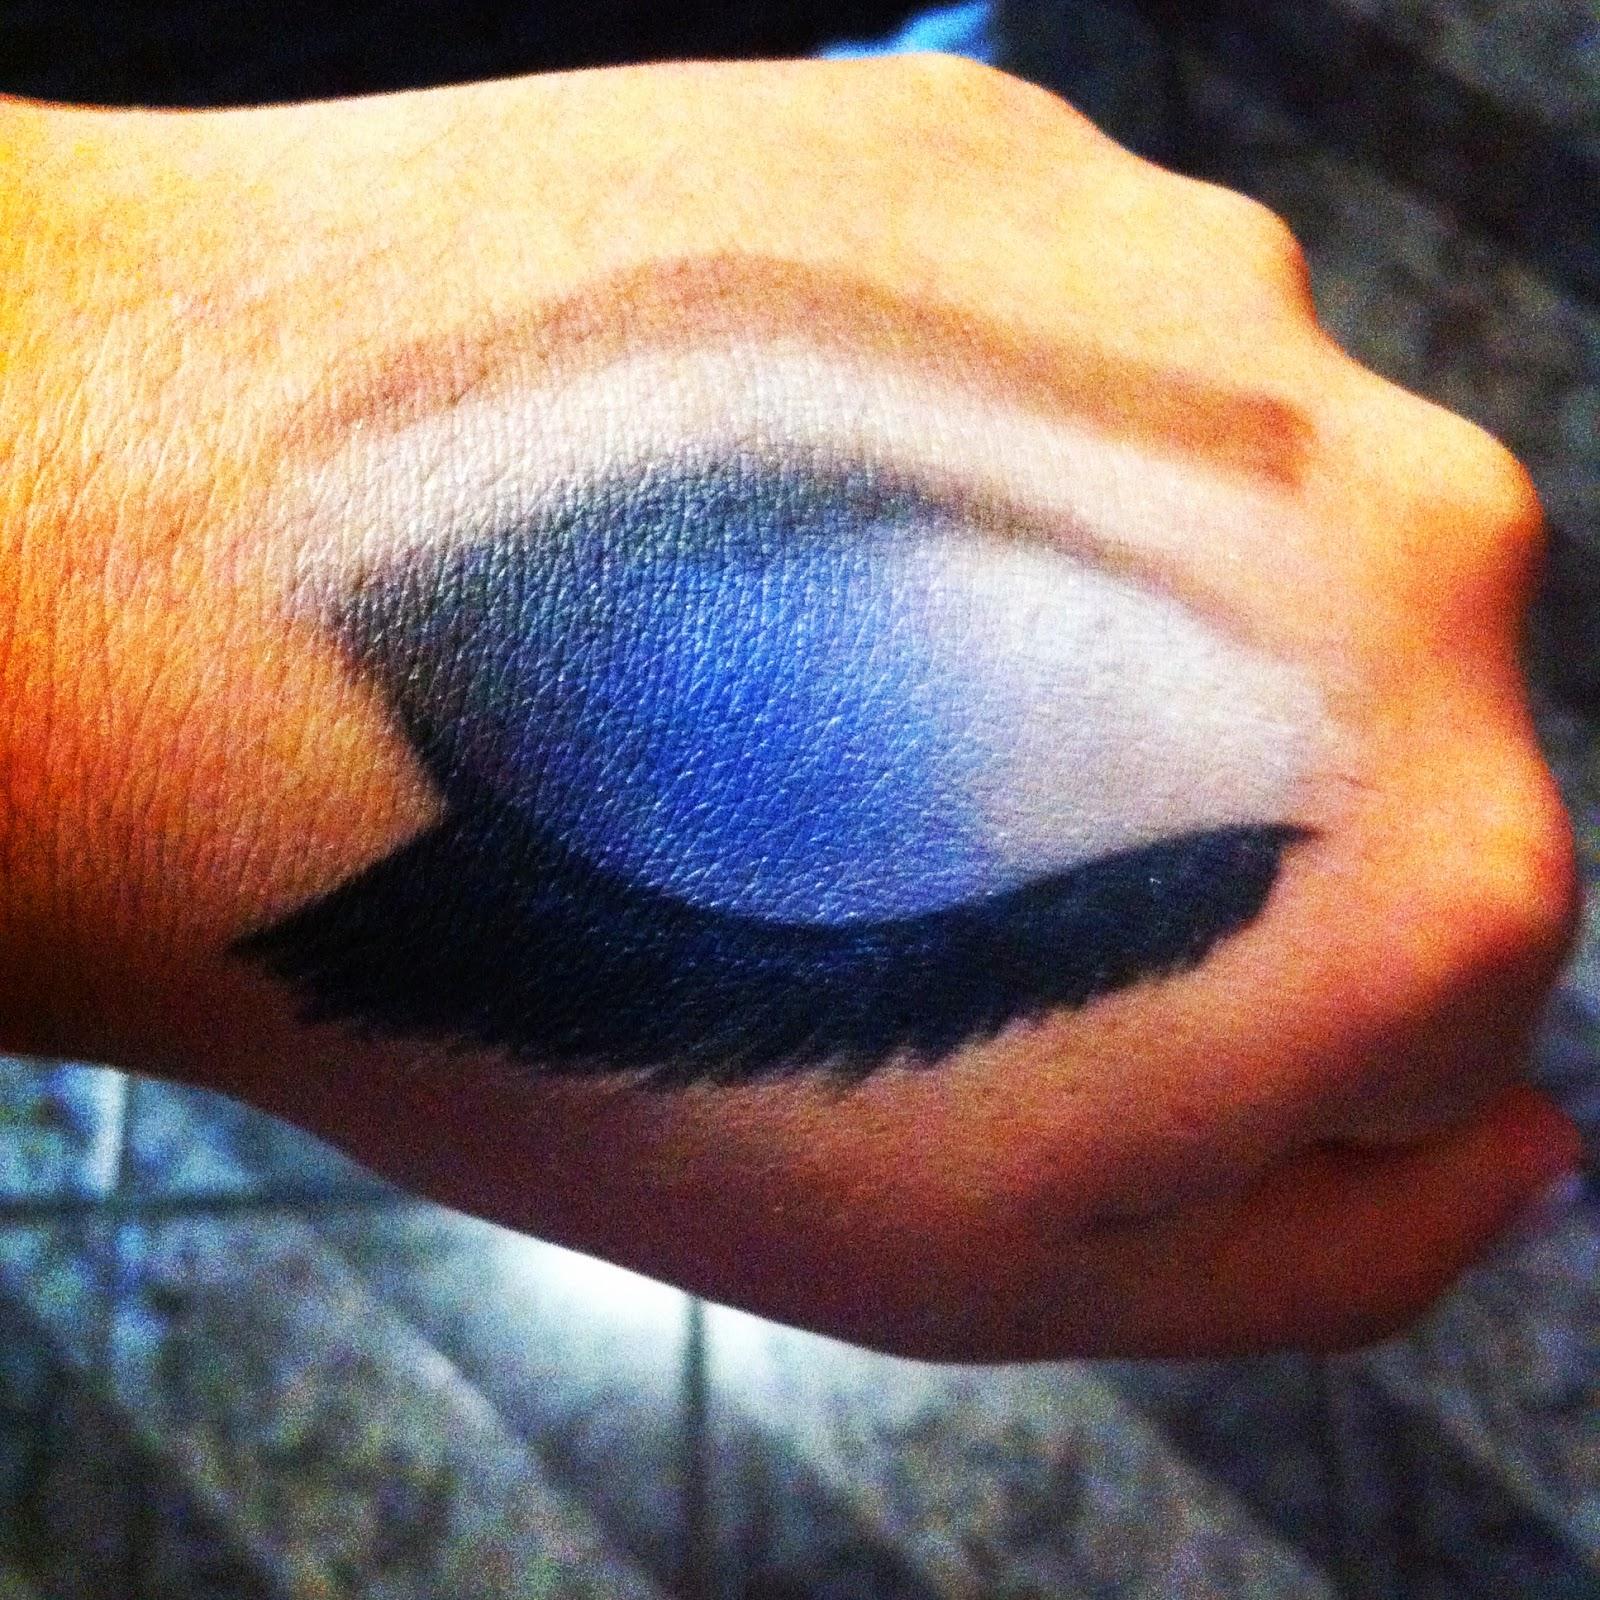 croqui na mão, make, maquiagem, pabline, feminine word